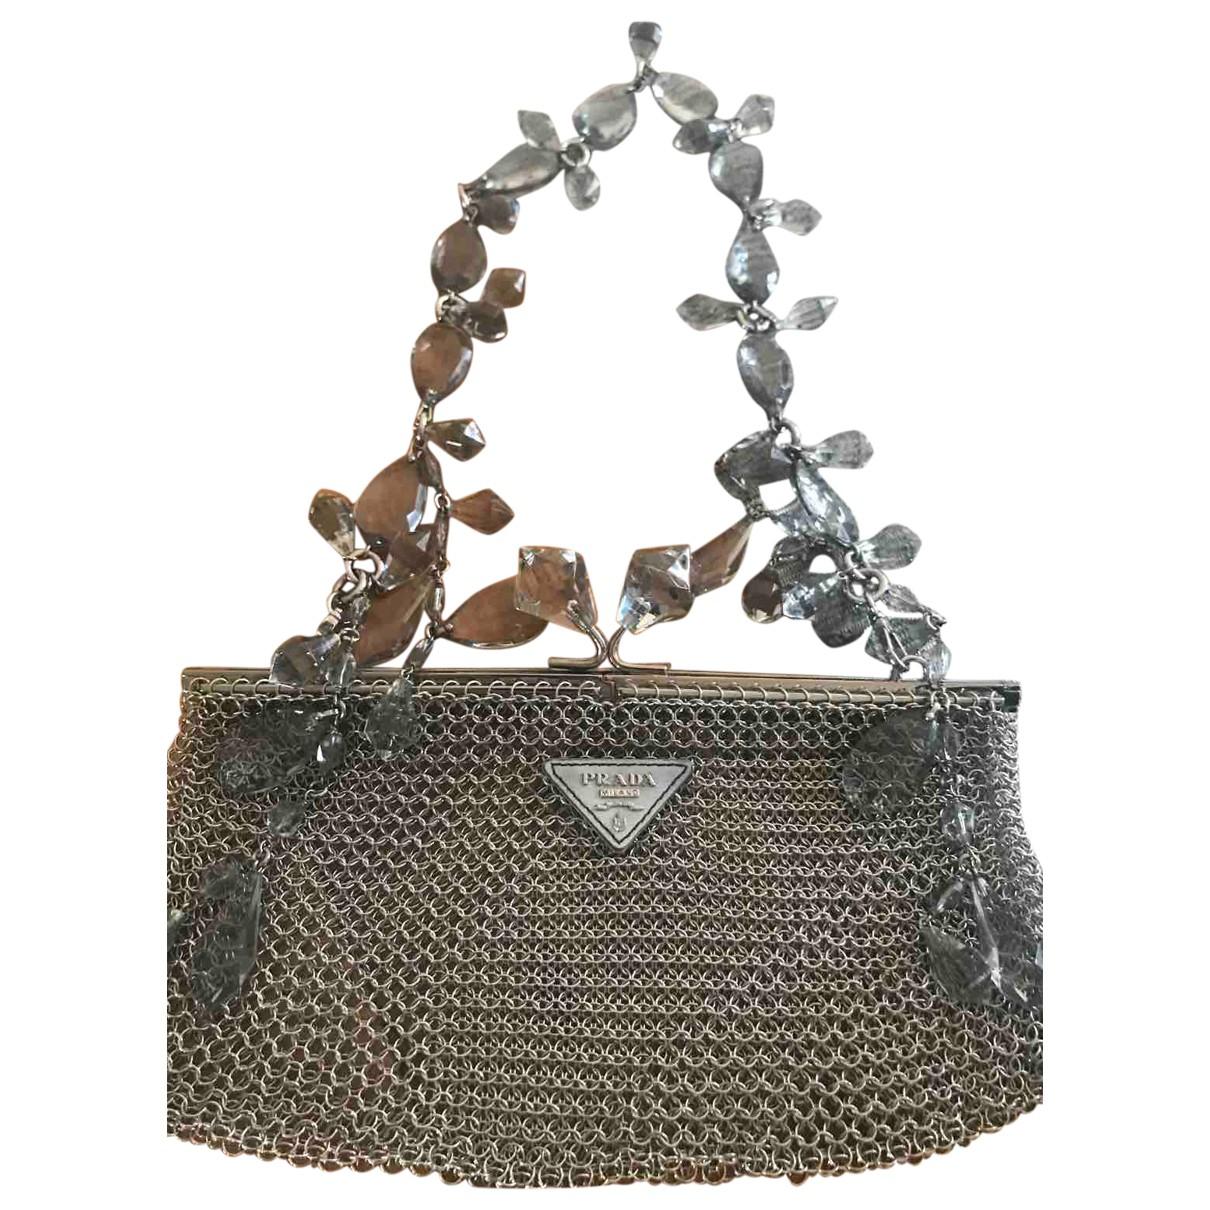 Prada \N Silver Metal handbag for Women M ½ UK